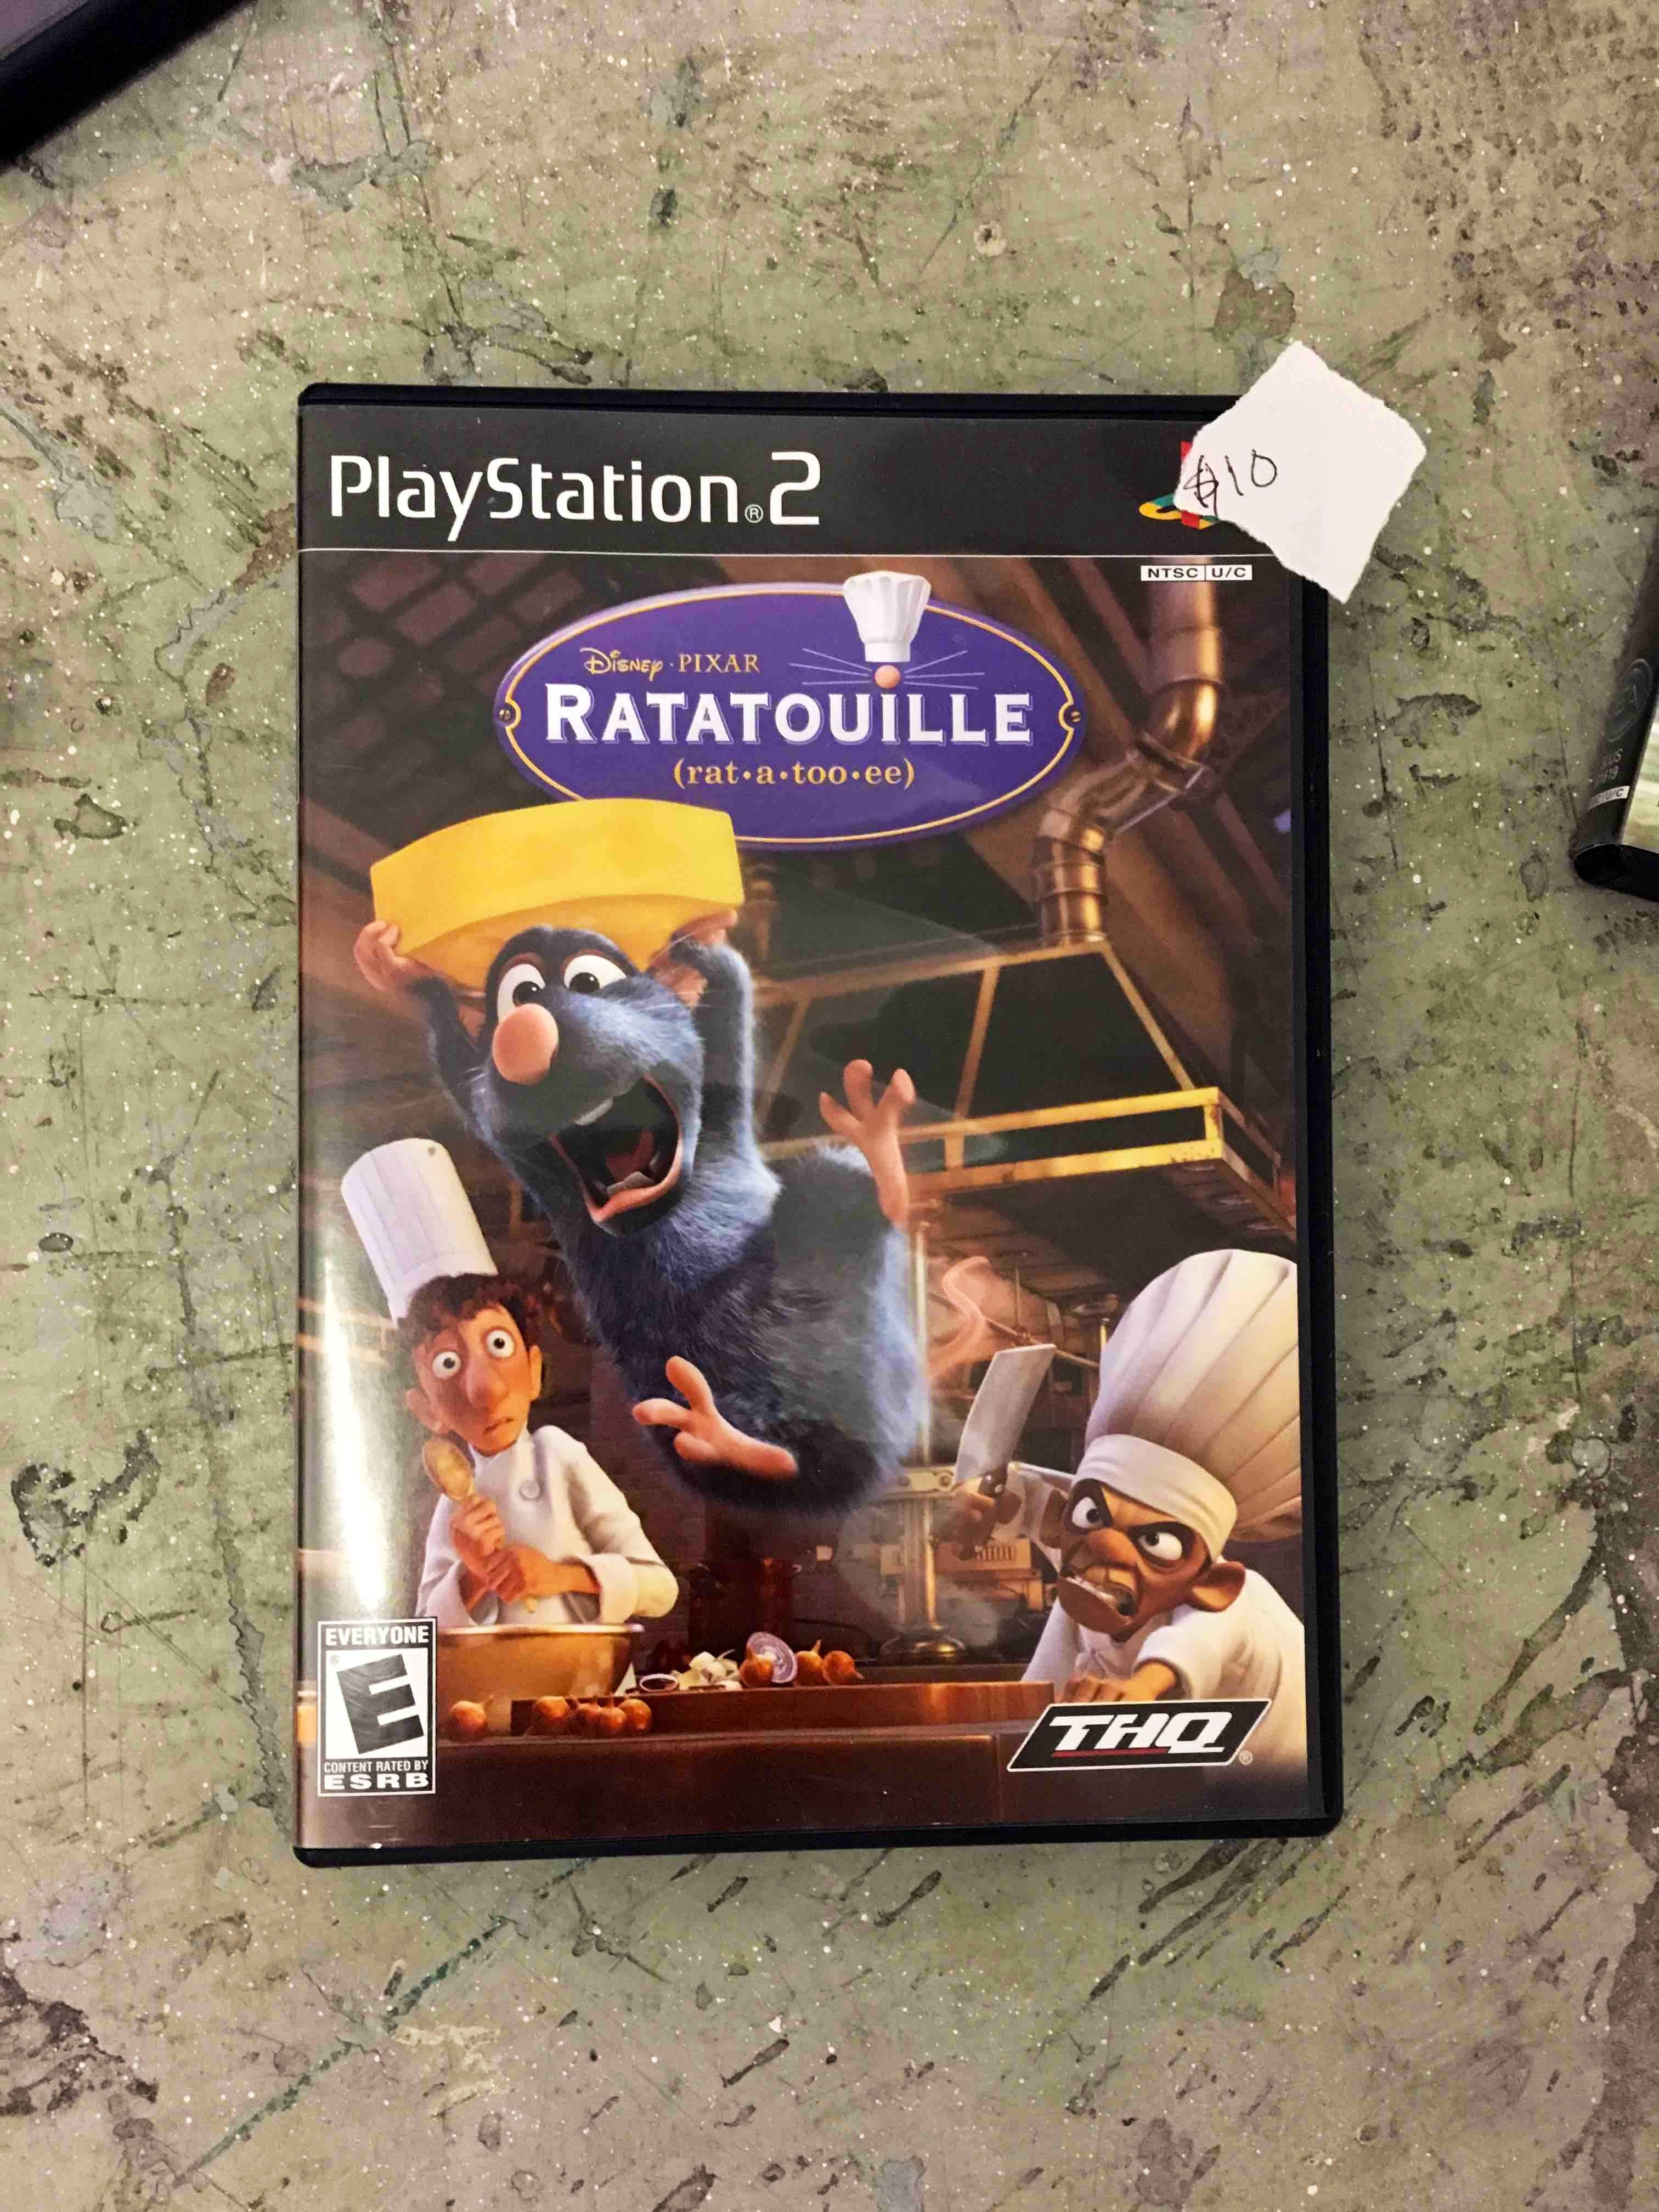 Ratatouille PS2 game